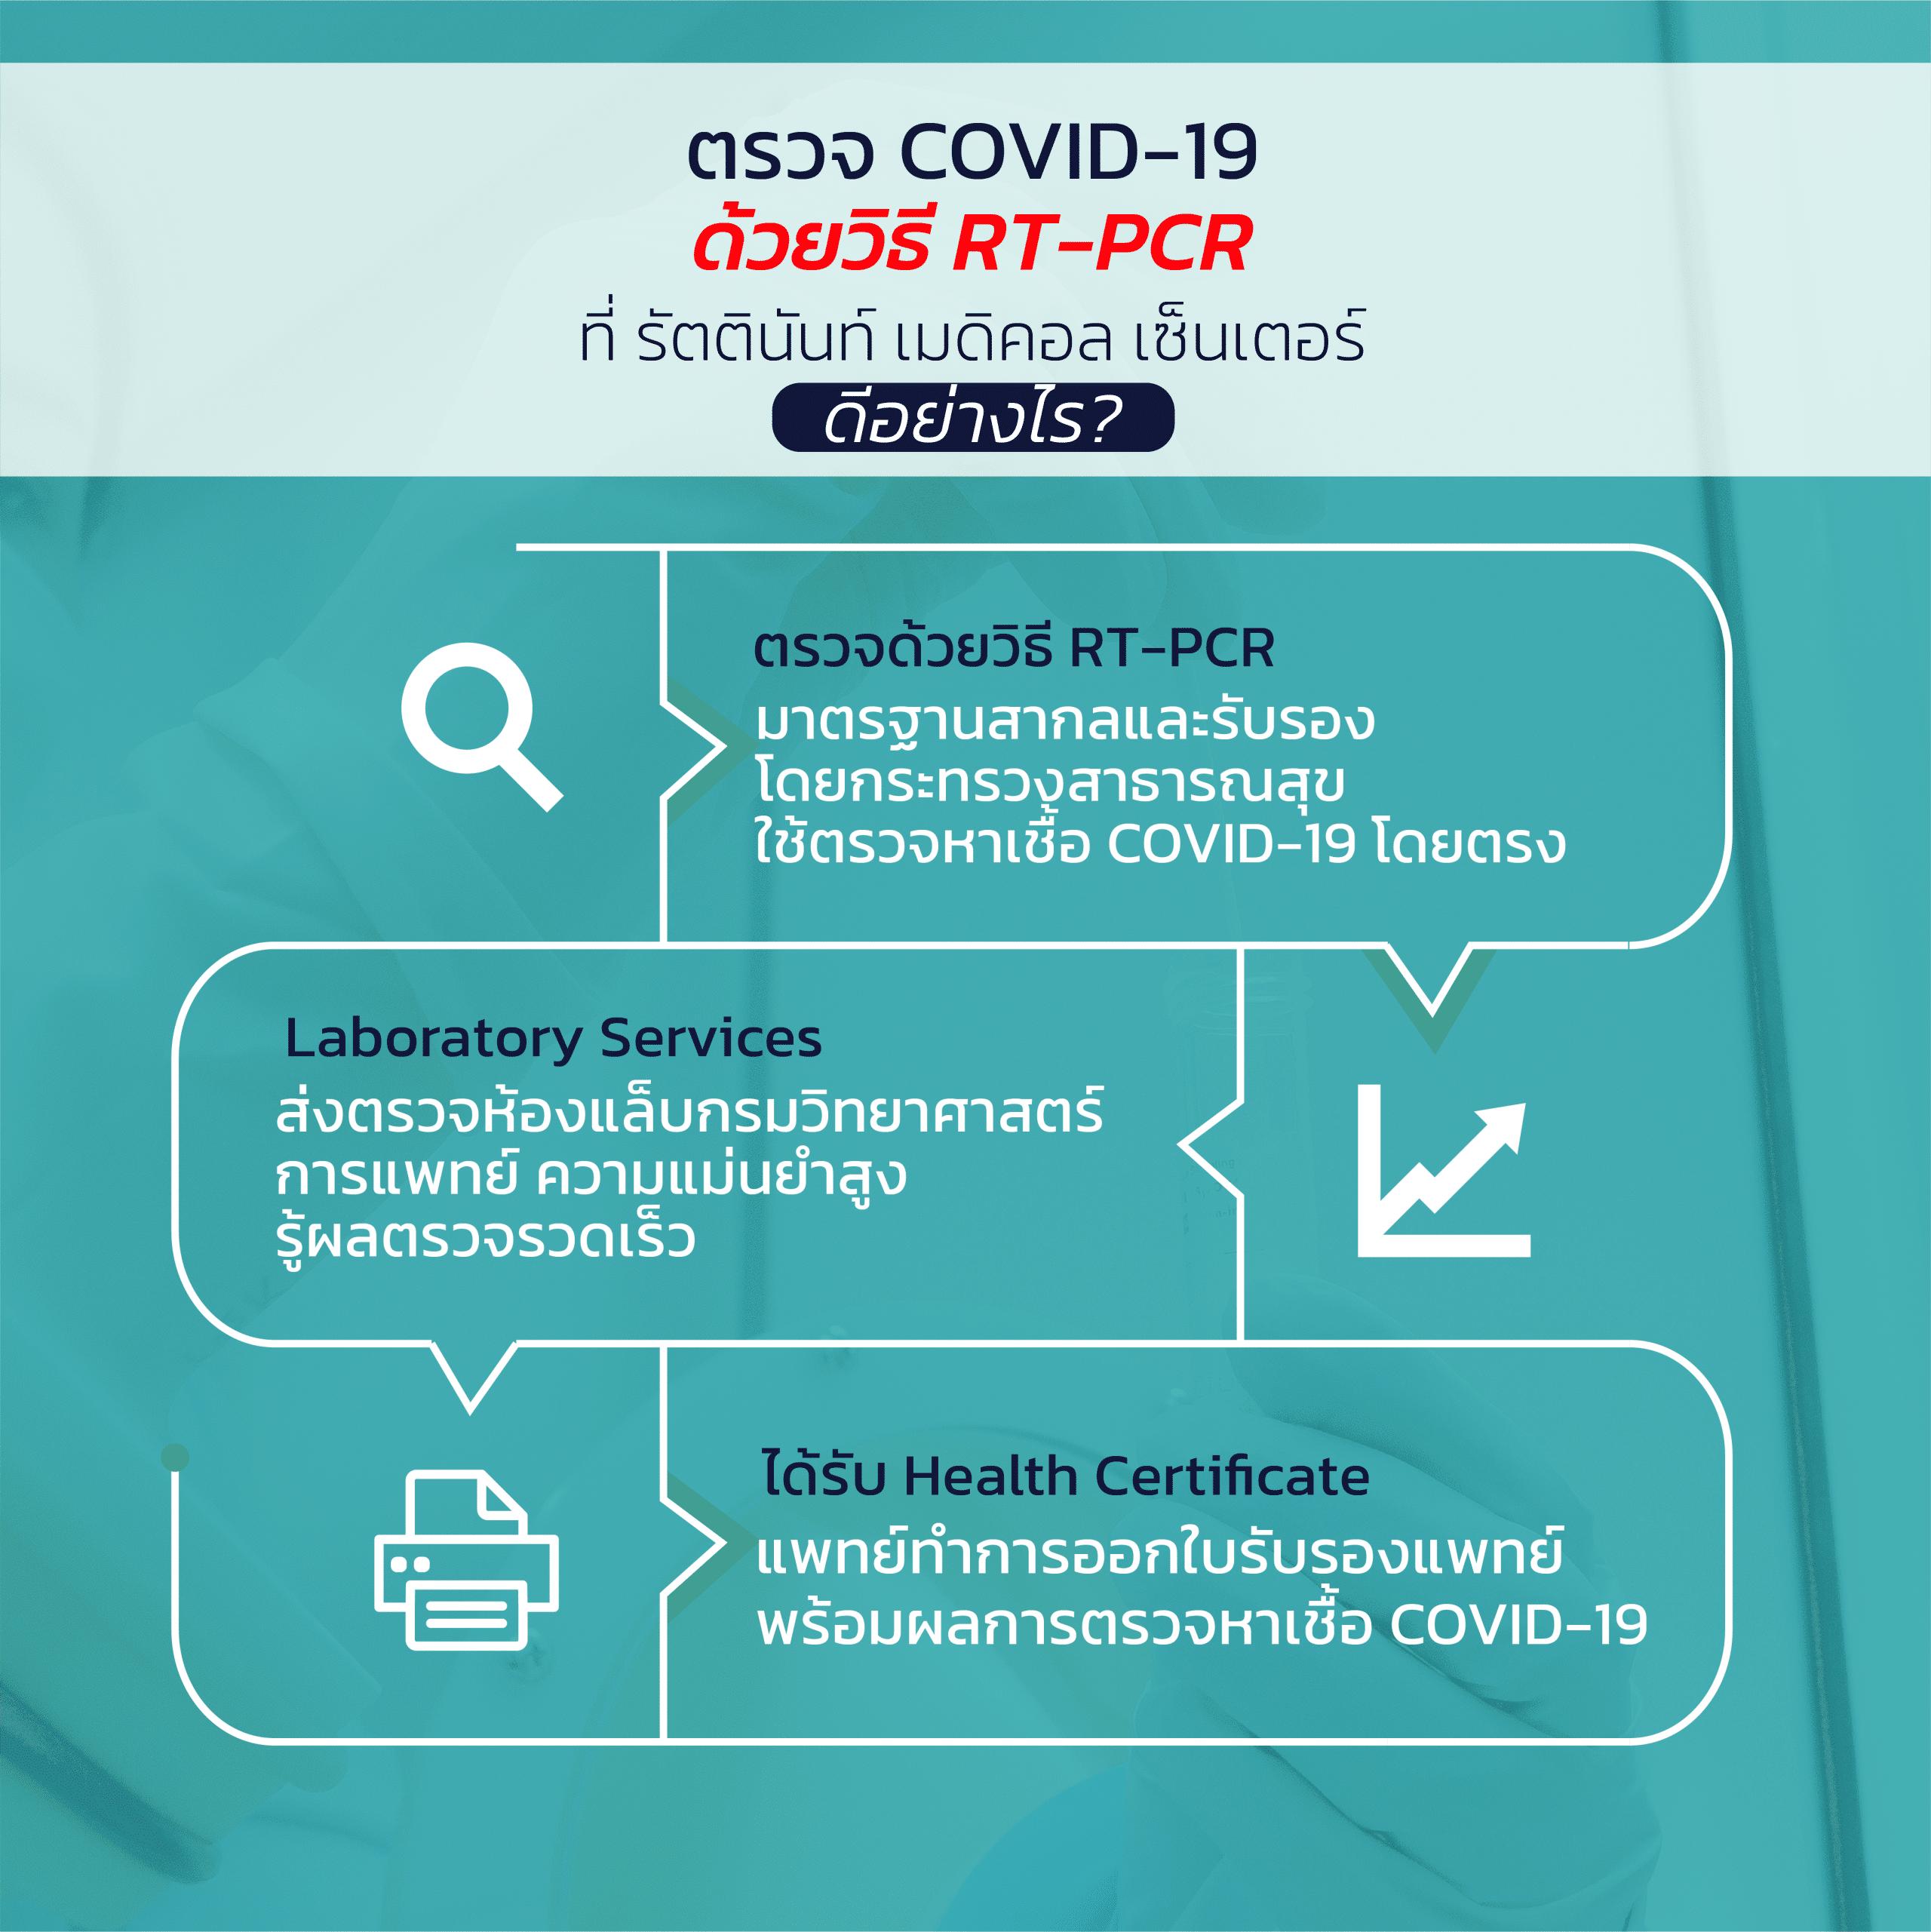 บริการตรวจ COVID-19 วิธี RT-PCR นอกสถานที่ โดยรัตตินันท์ เมดิคอล เซ็นเตอร์ ดีอย่างไร ?